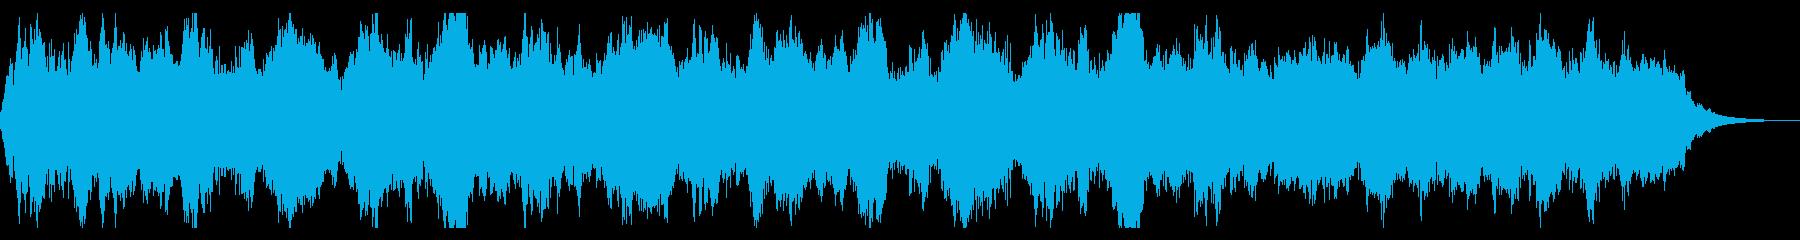 威風堂々 エルガー クラシック Ver2の再生済みの波形